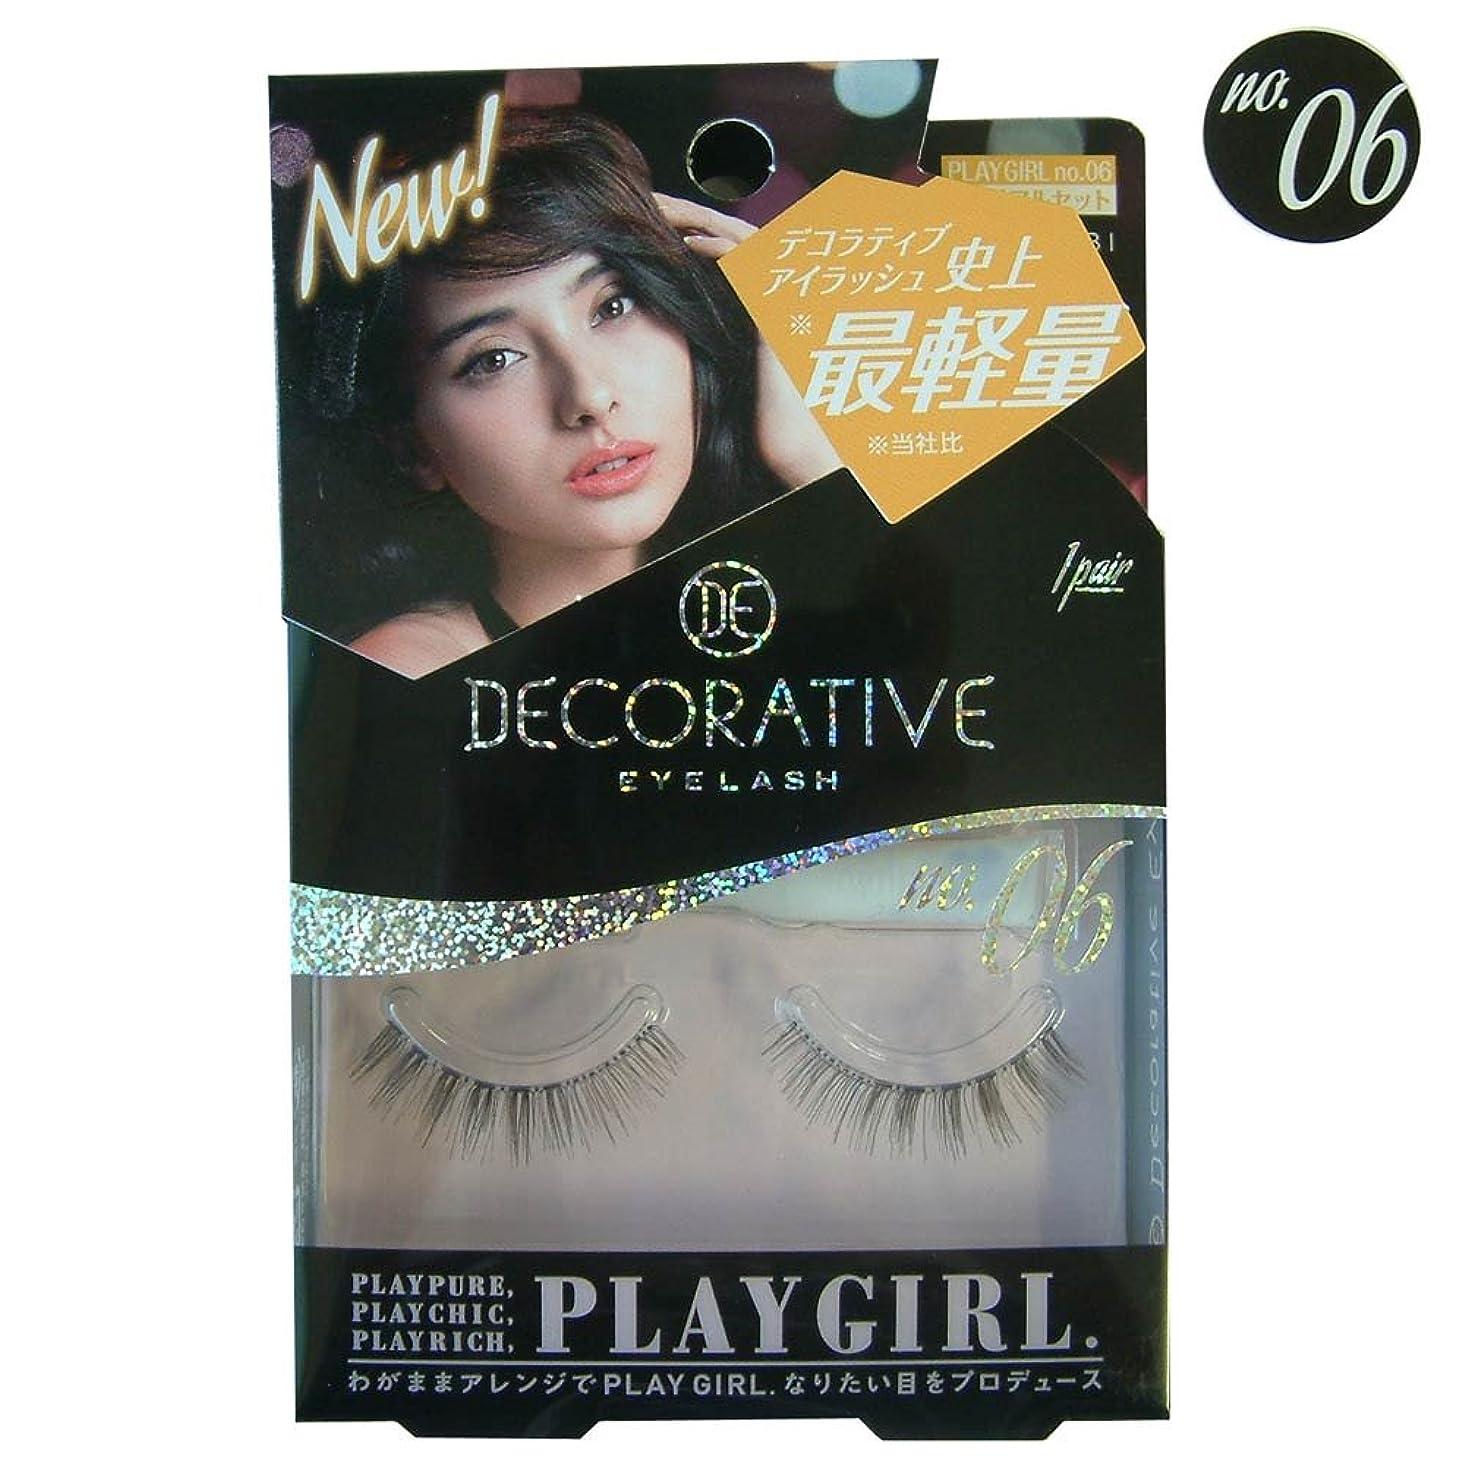 書道本不運SE85584/PLAY GIRL(プレイガール)ブラウンMIX[No.6.上まつげ用]1ペア入りつけまつげ DECORATIVE EYELASH(デコラティブアイラッシュ)/メイク/目元/化粧品/コスメ